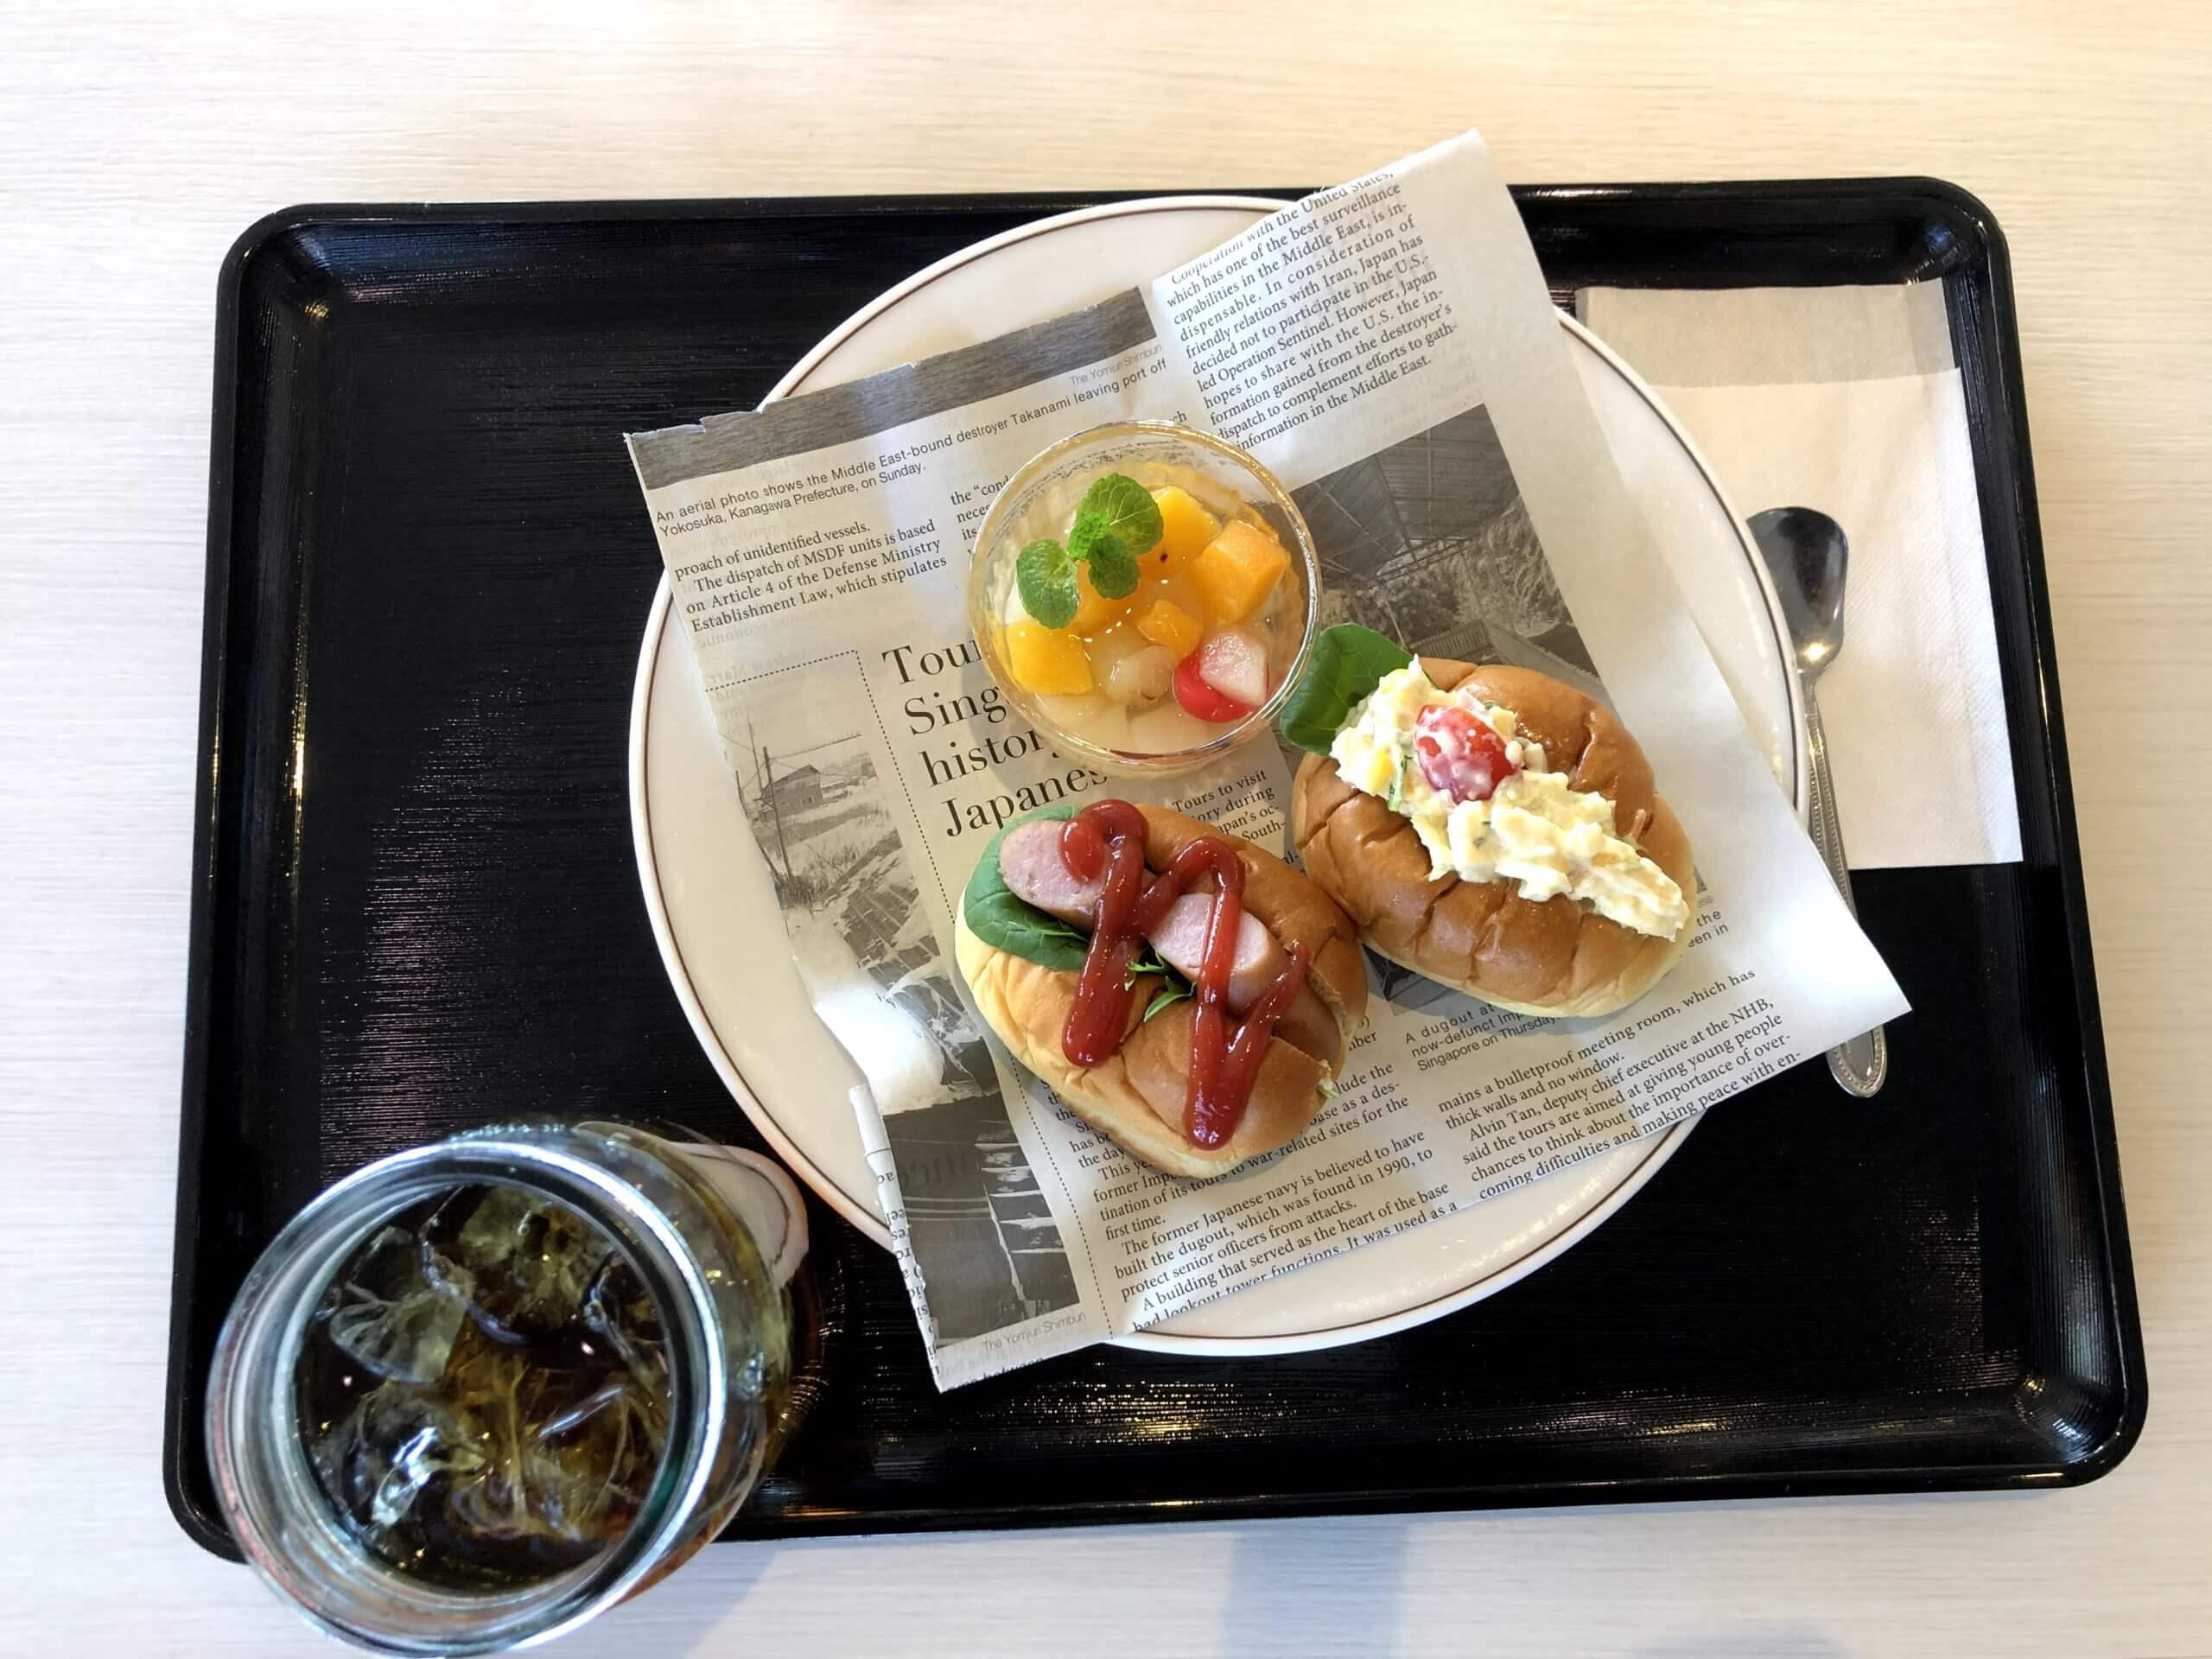 【ORCHID CAFE -オーキッドカフェ-】ホテル内にあるカフェが格安で美味しい主婦の味方でした《天草市栄町》